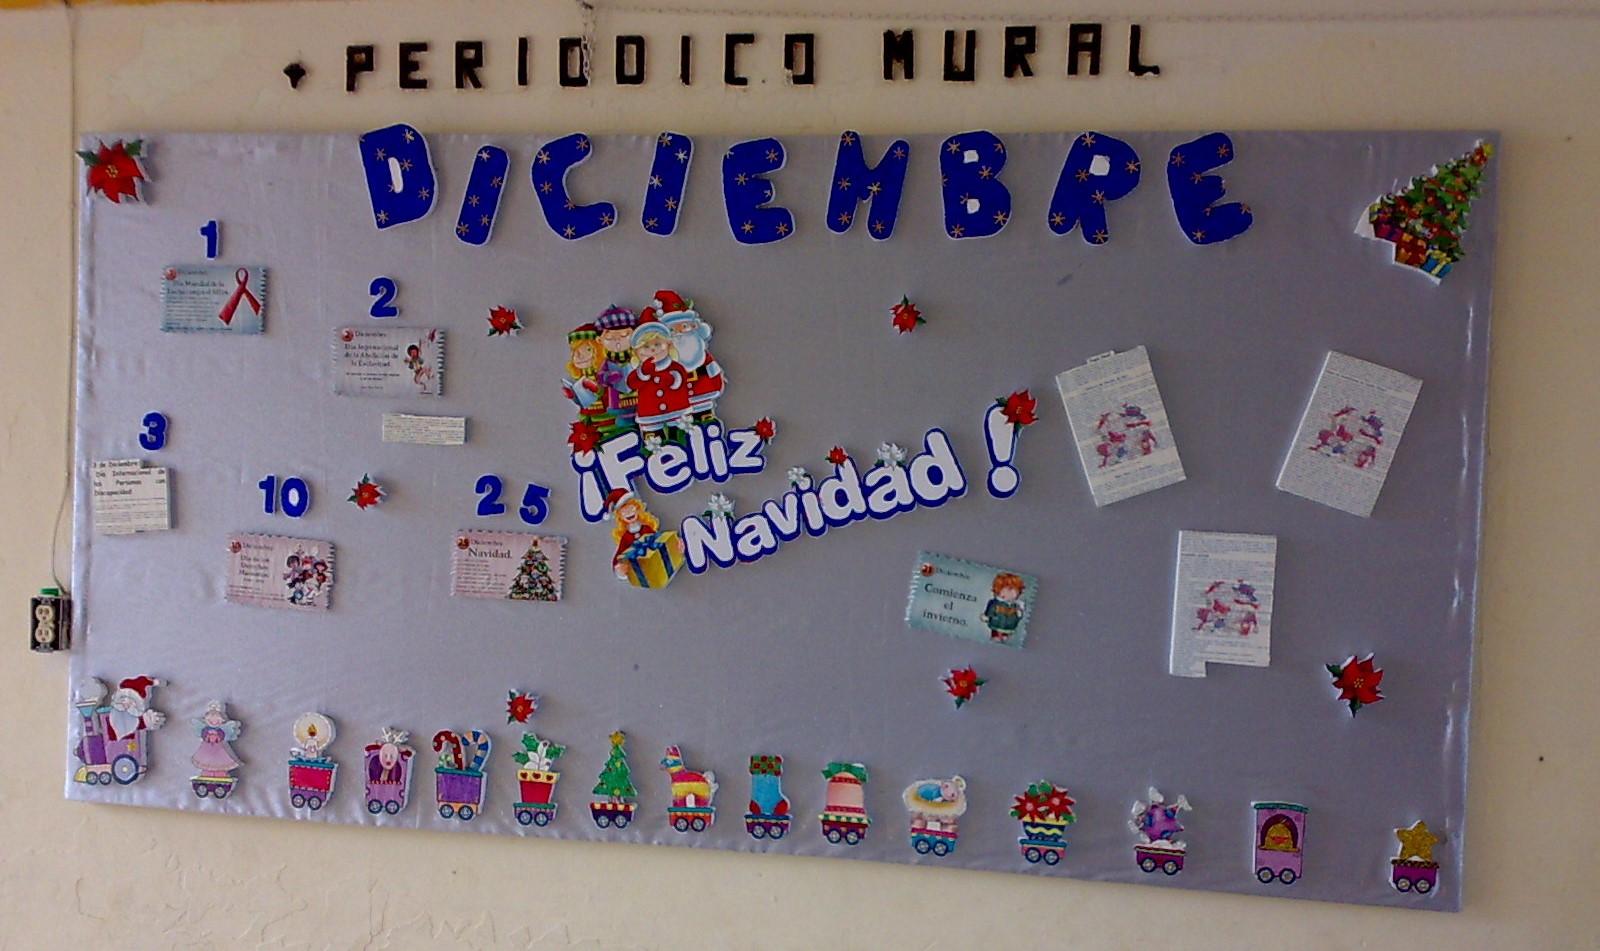 Periodico mural diciembre 3 imagenes educativas for Avisos de ocasion el mural